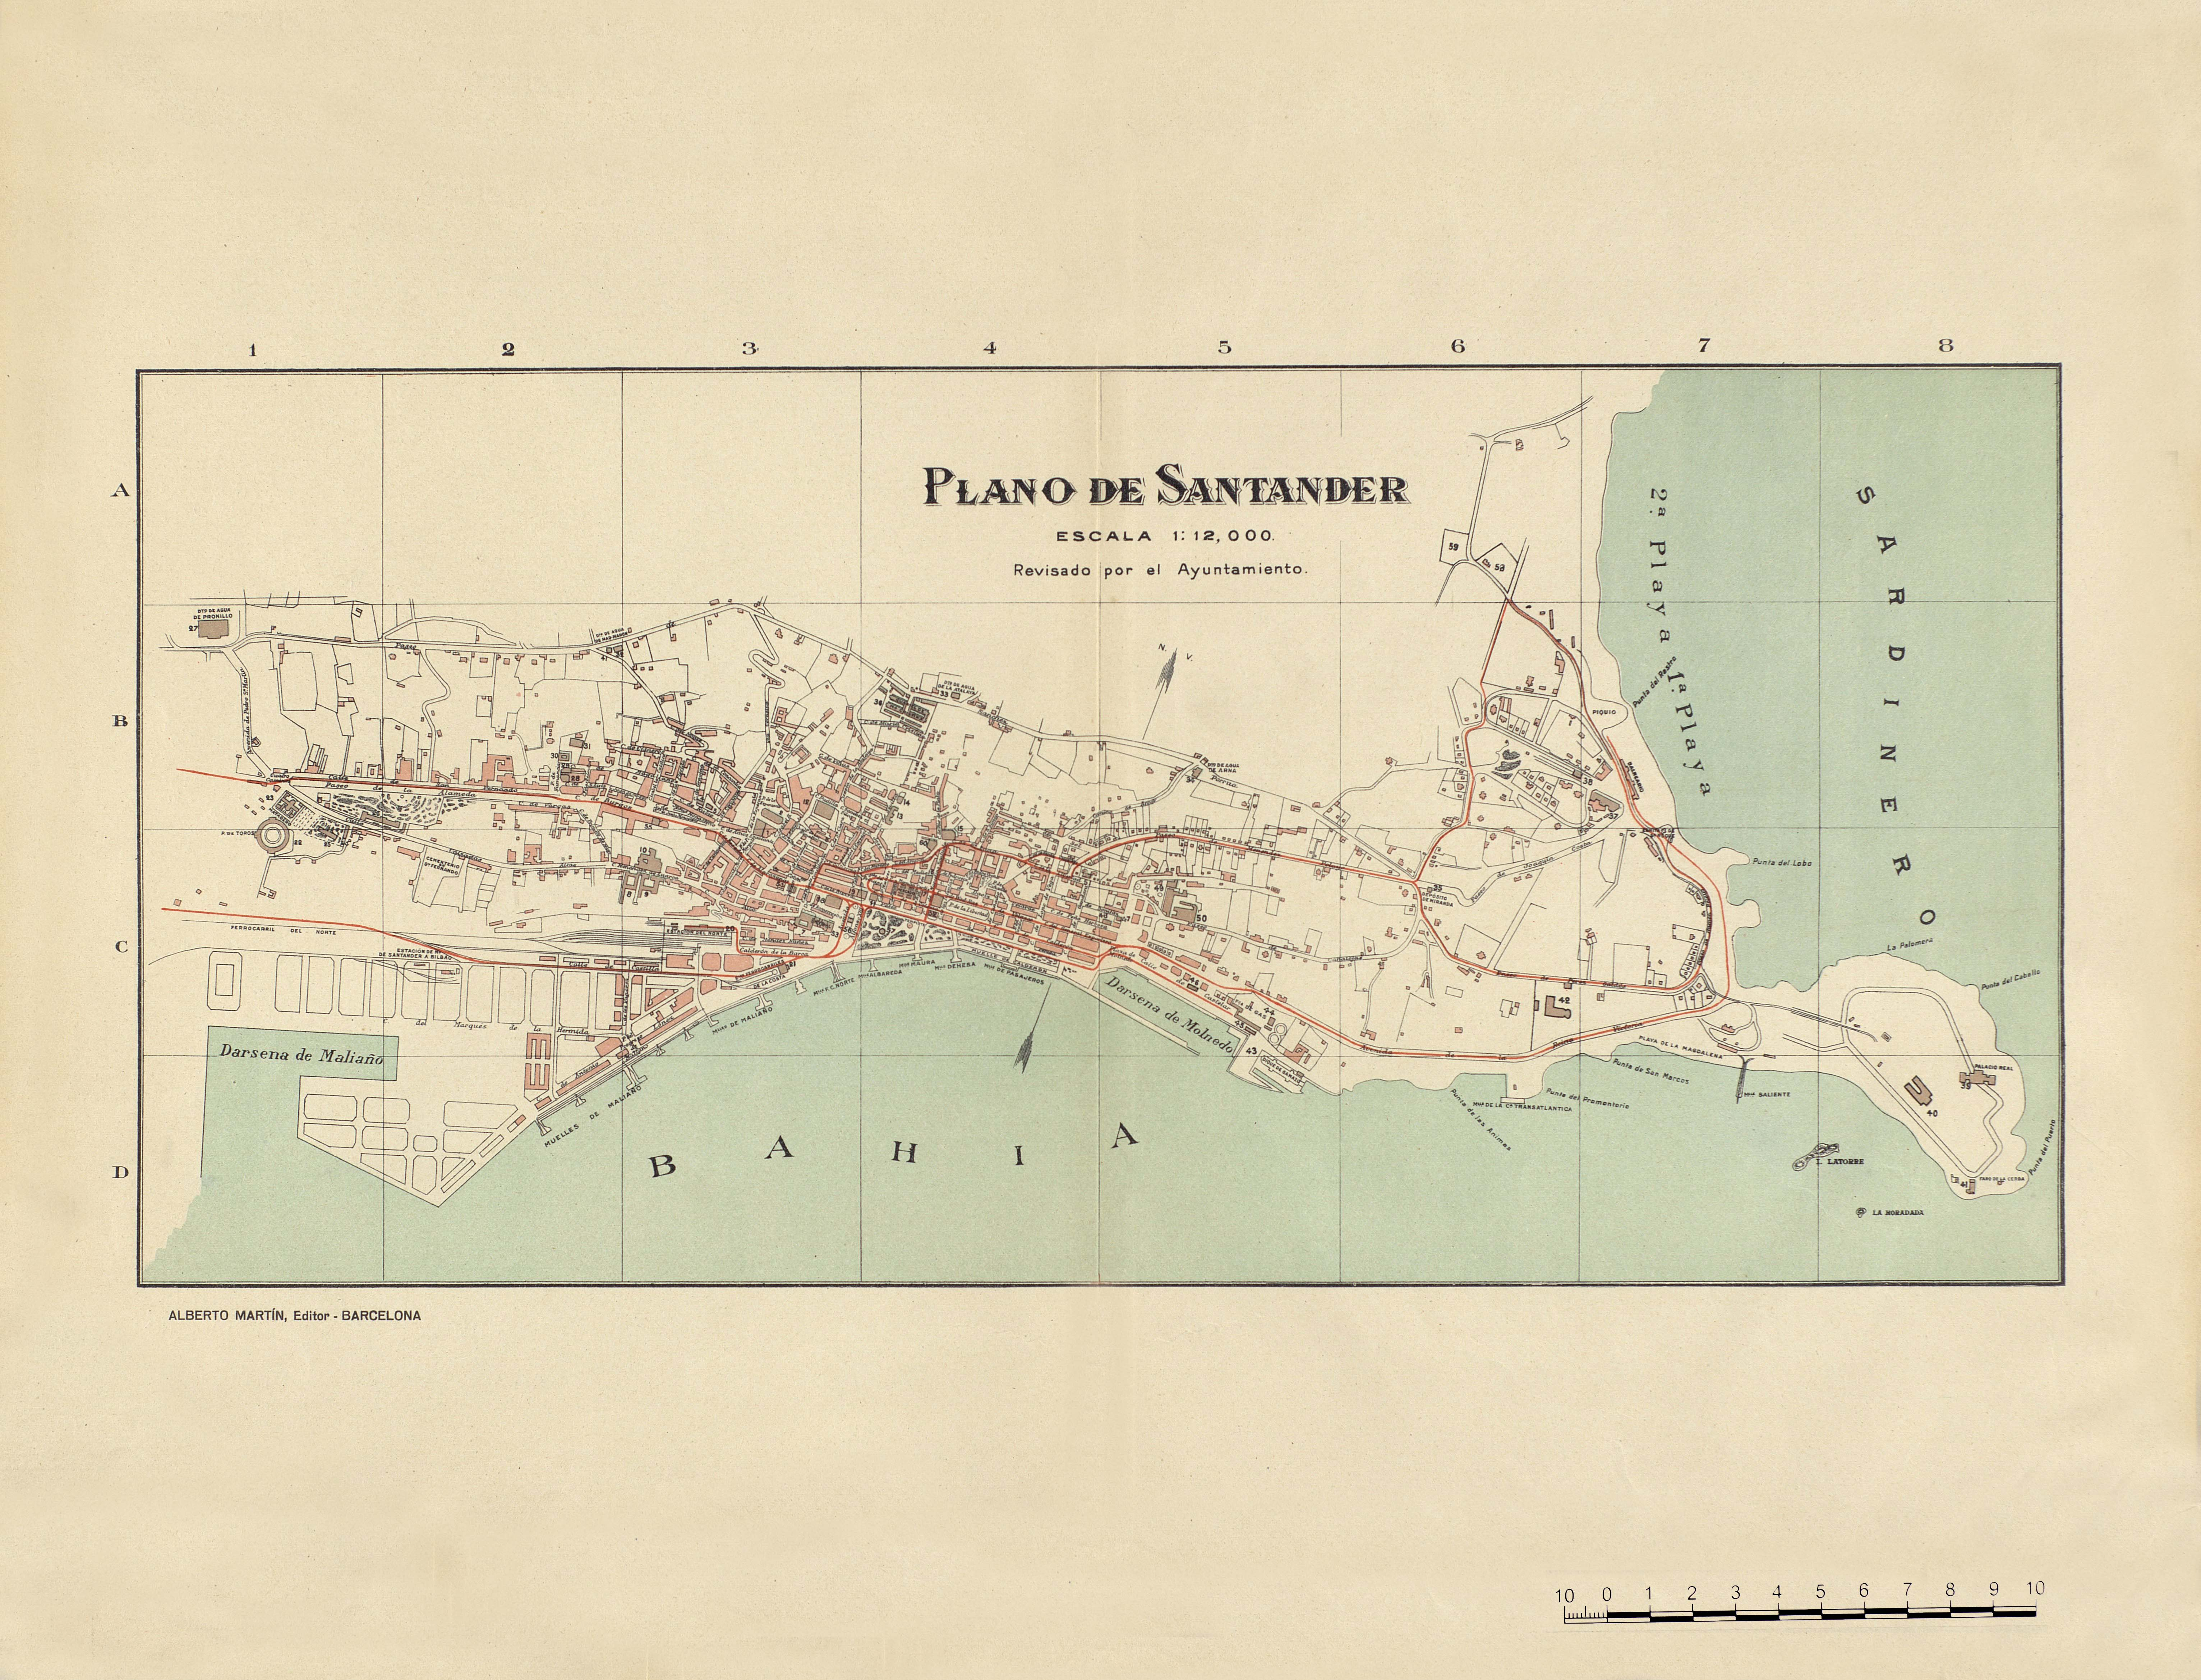 Plano de Santander